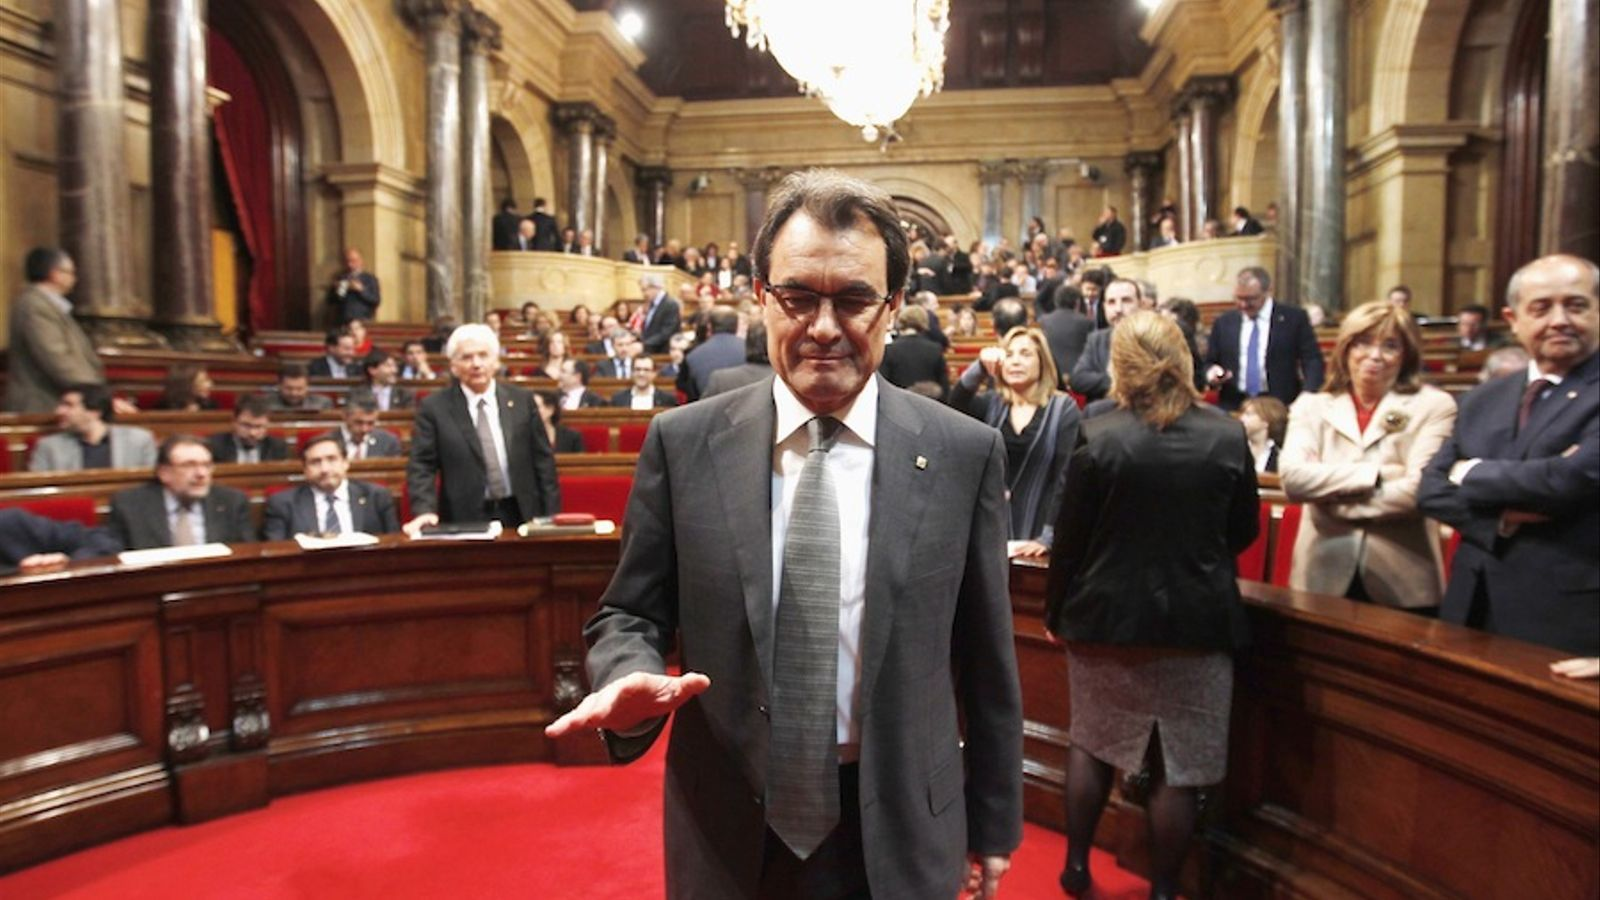 Espagne: peines allant jusqu'à 13 ans de prison pour les dirigeants catalans